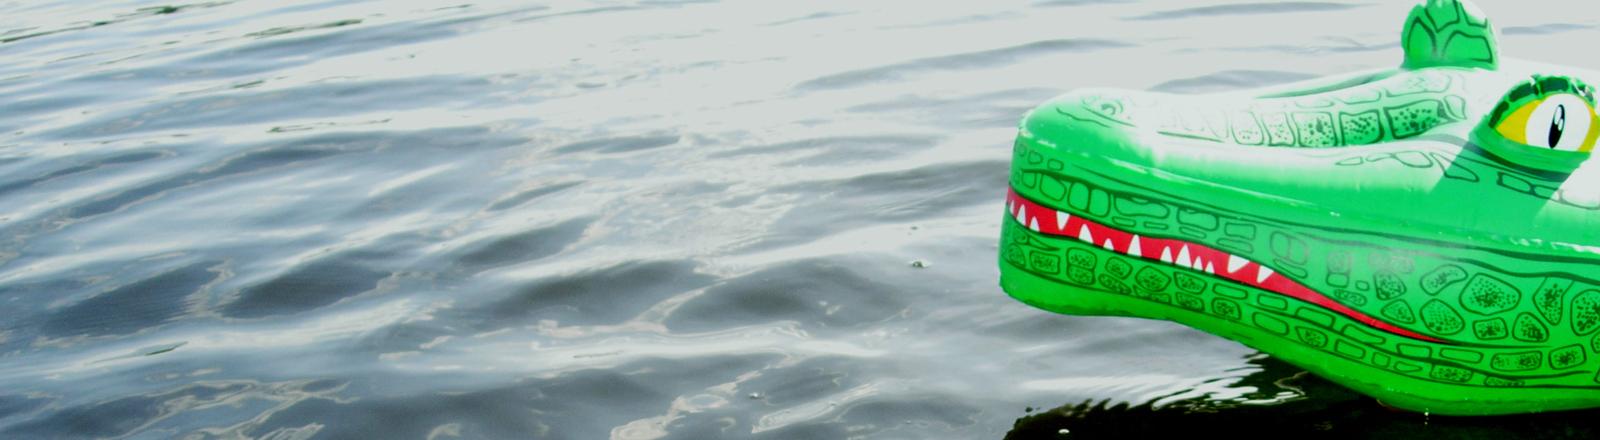 Plastikkrokodil im Wasser.